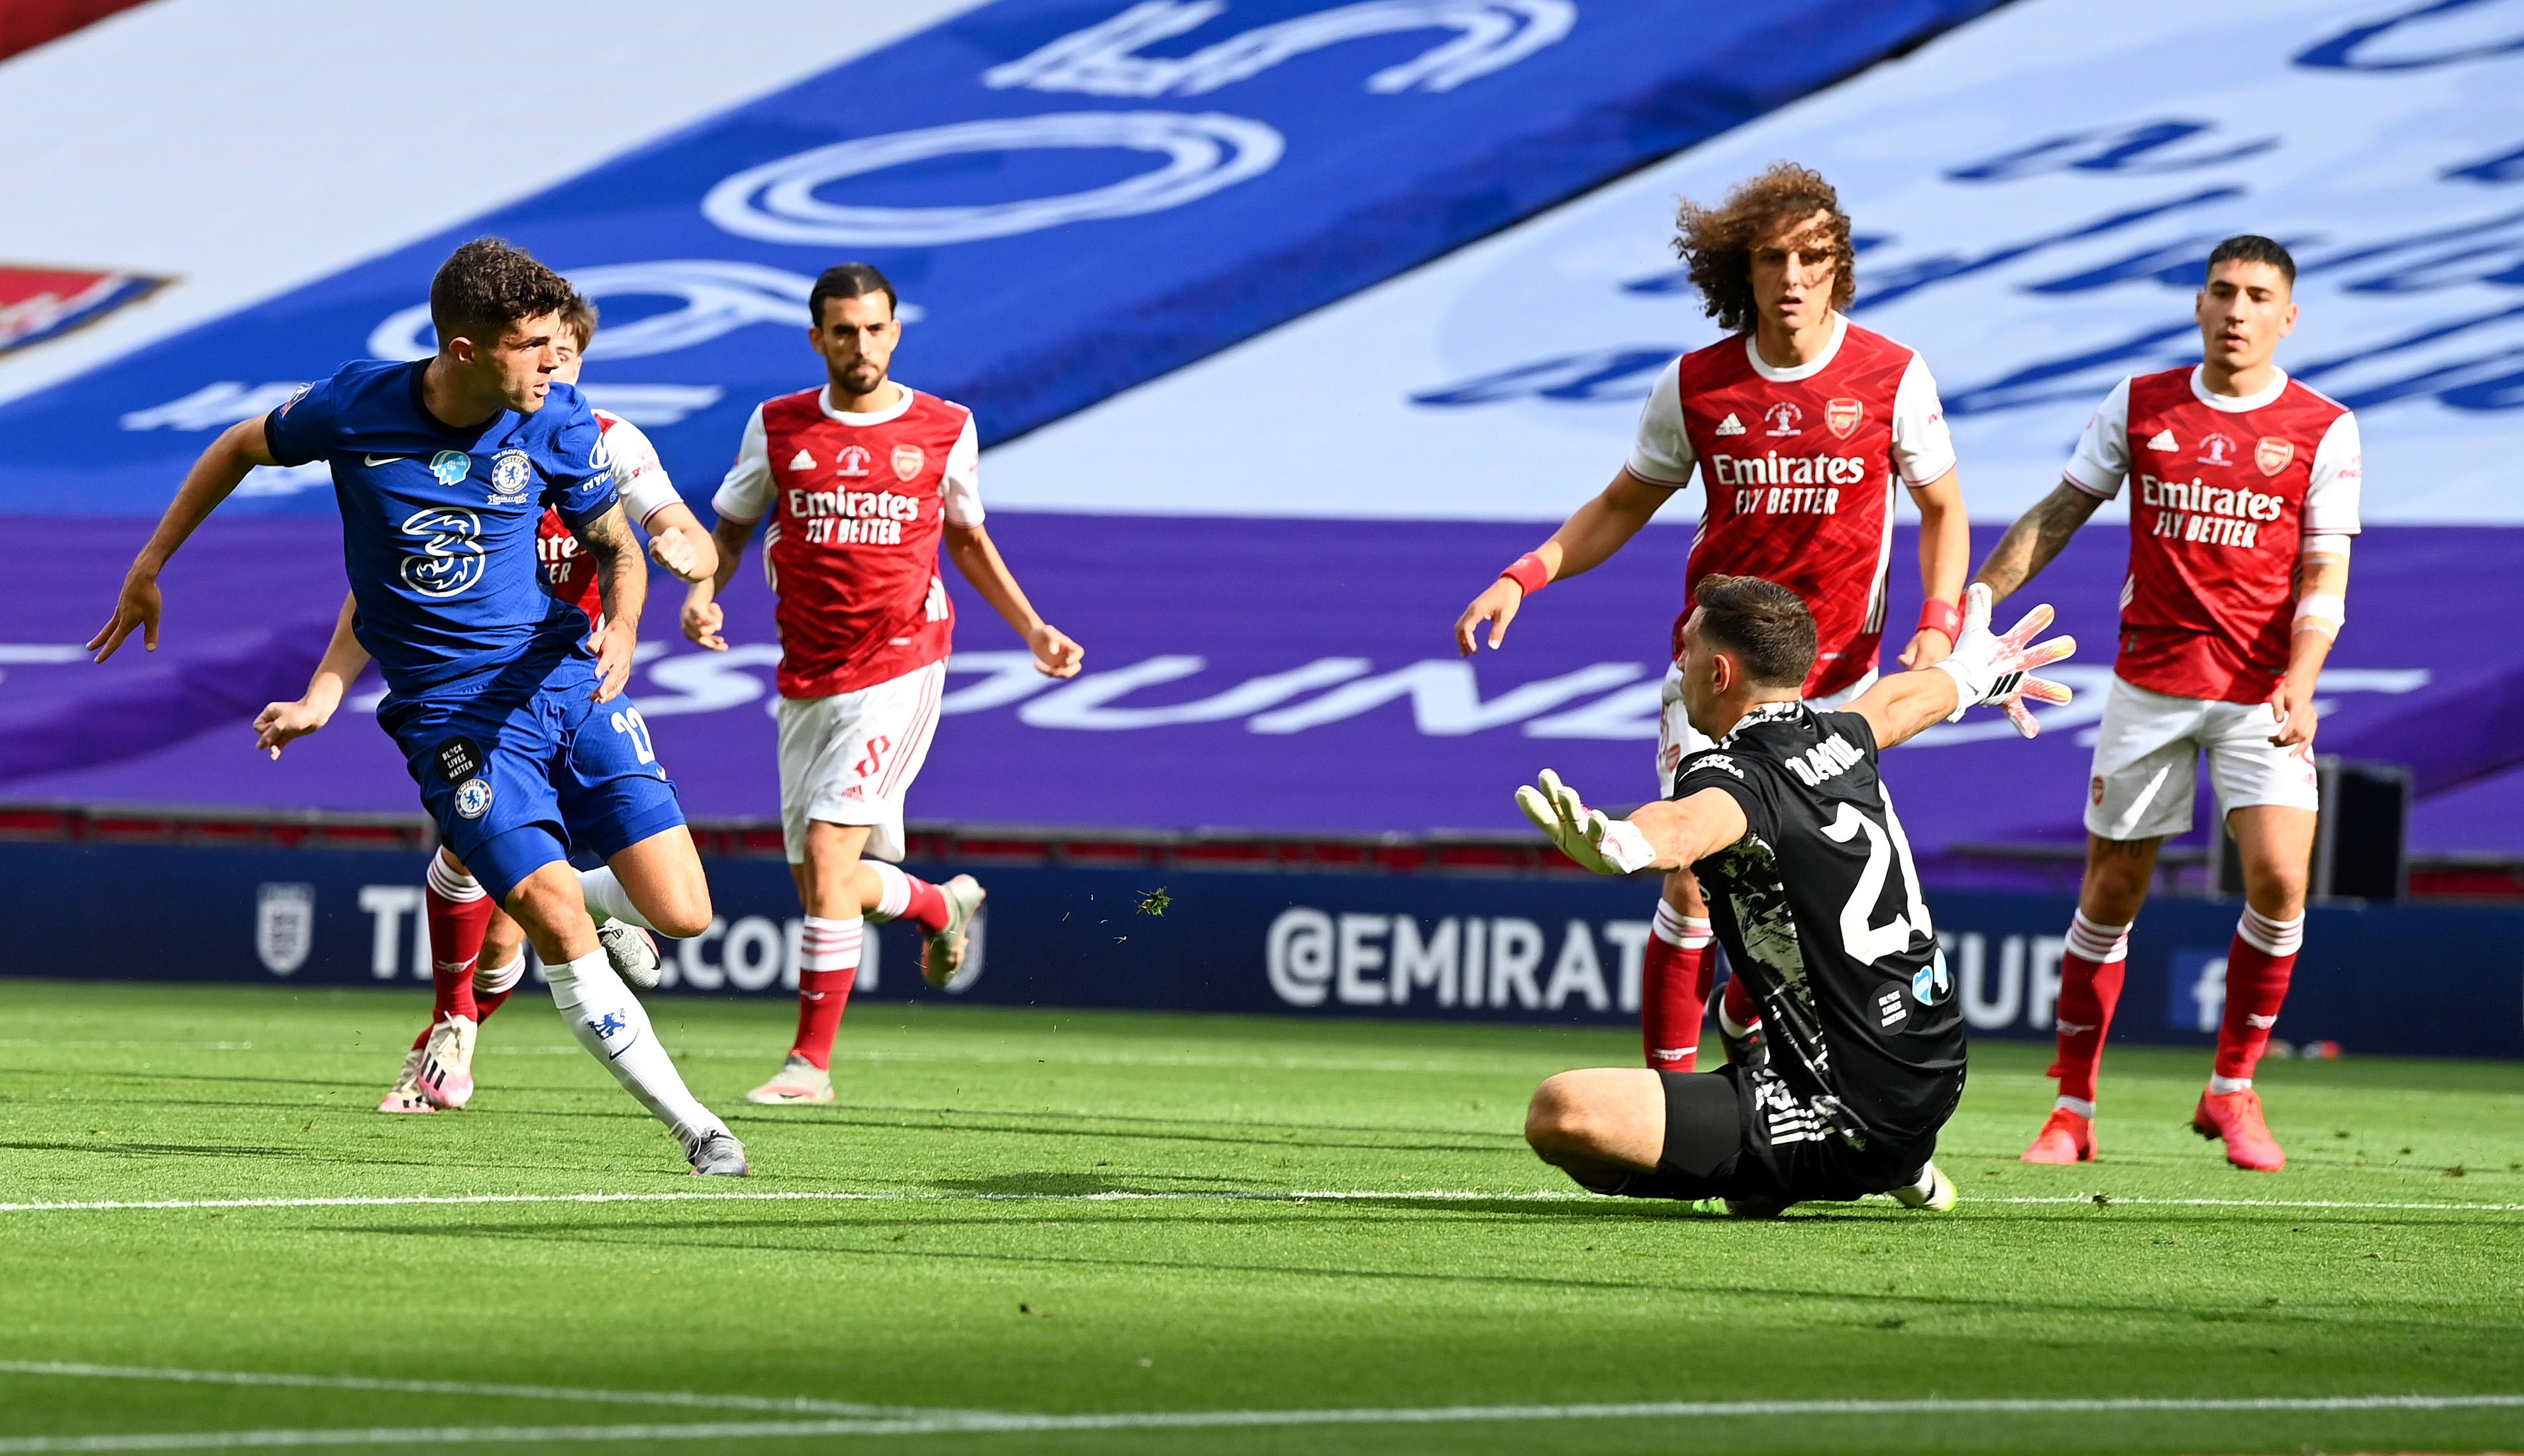 آرسنال ضد تشيلسي (8)